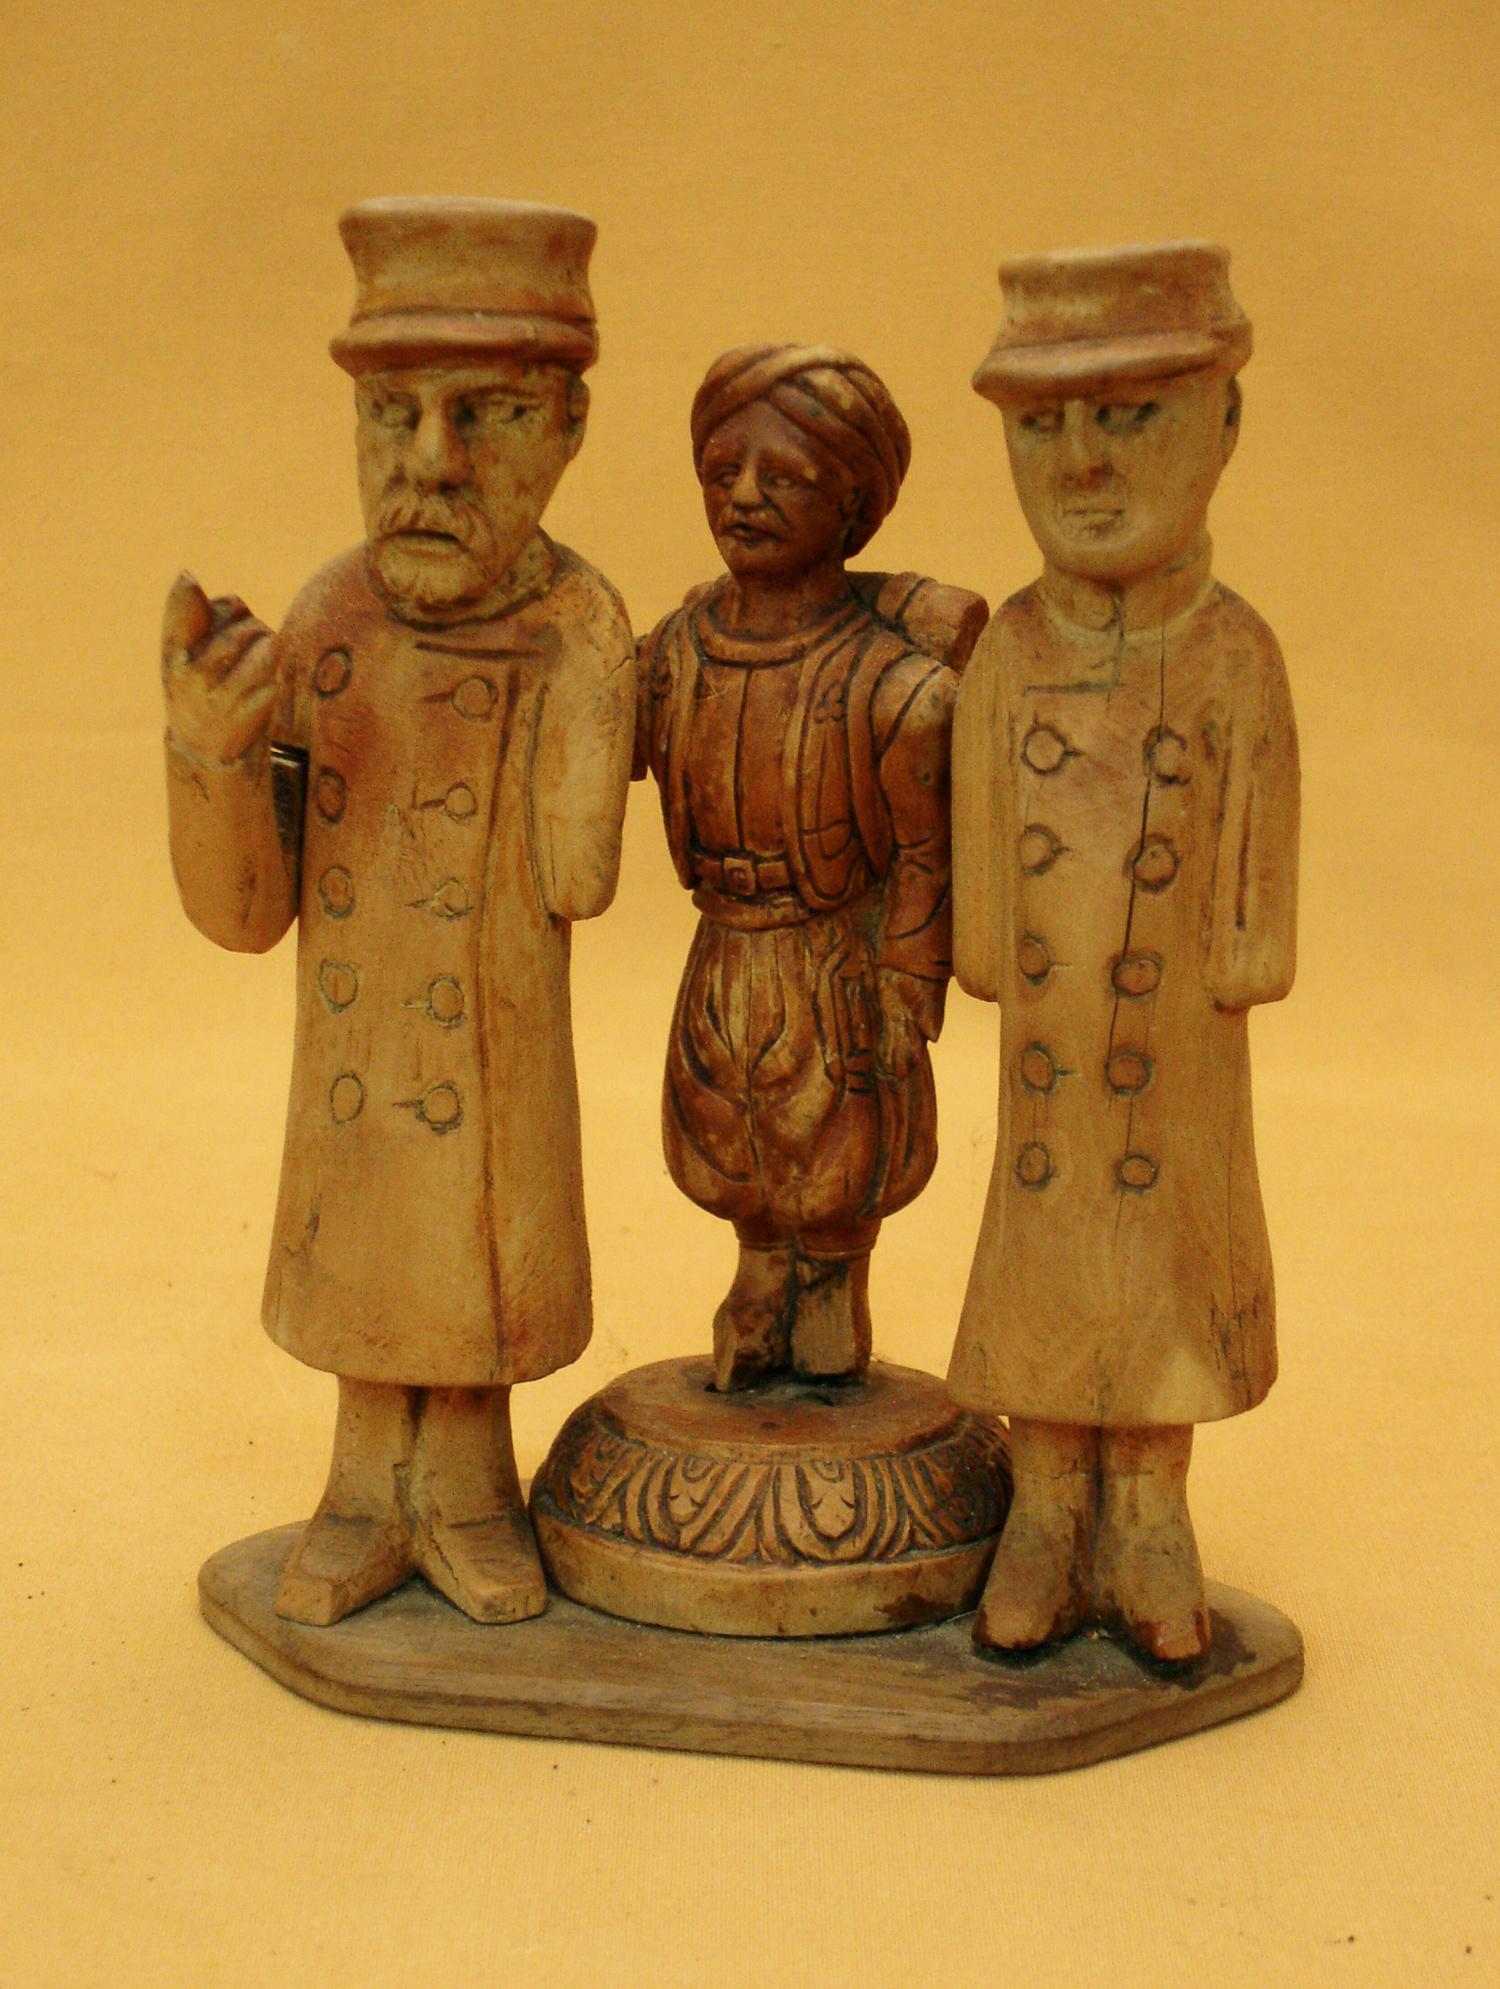 Travail de Poilu en bois sculpté.